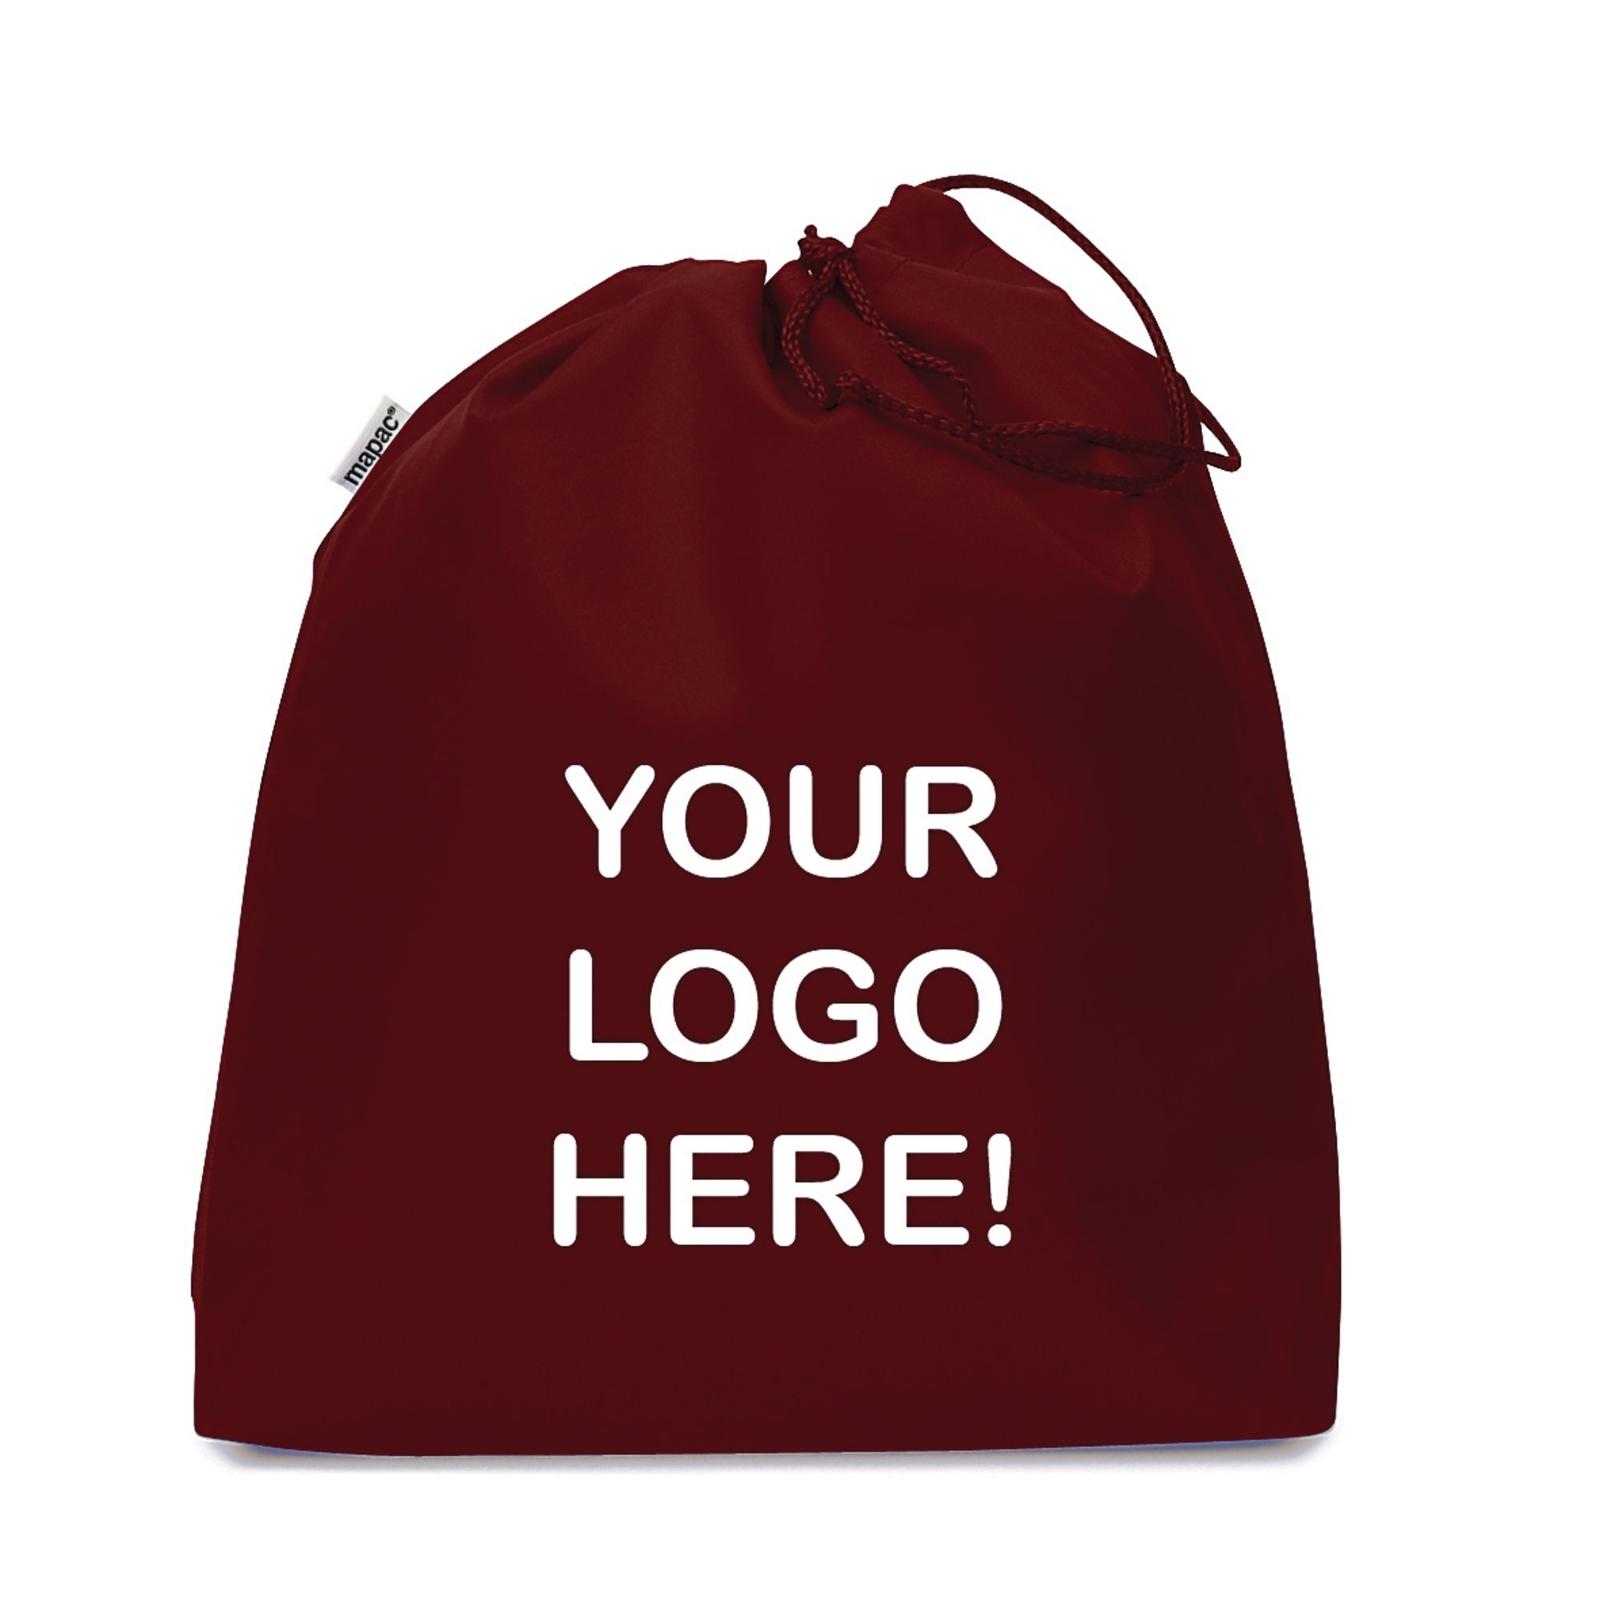 Personalised Gym Bag Maroon - Pack of 25